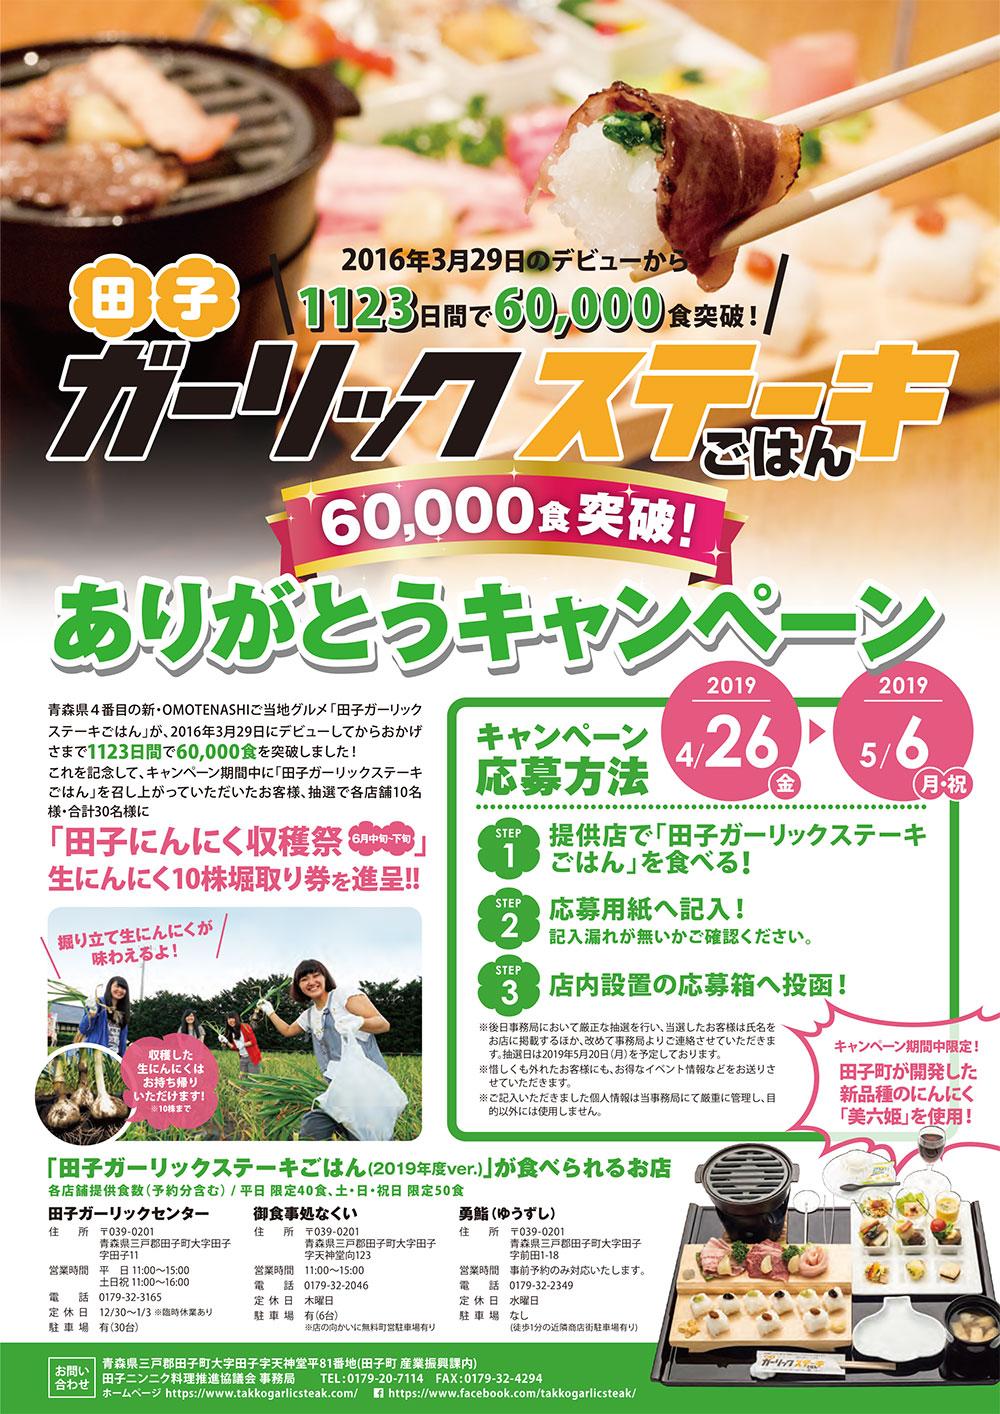 田子ガーリックステーキごはん 60,000食突破!ありがとうキャンペーン